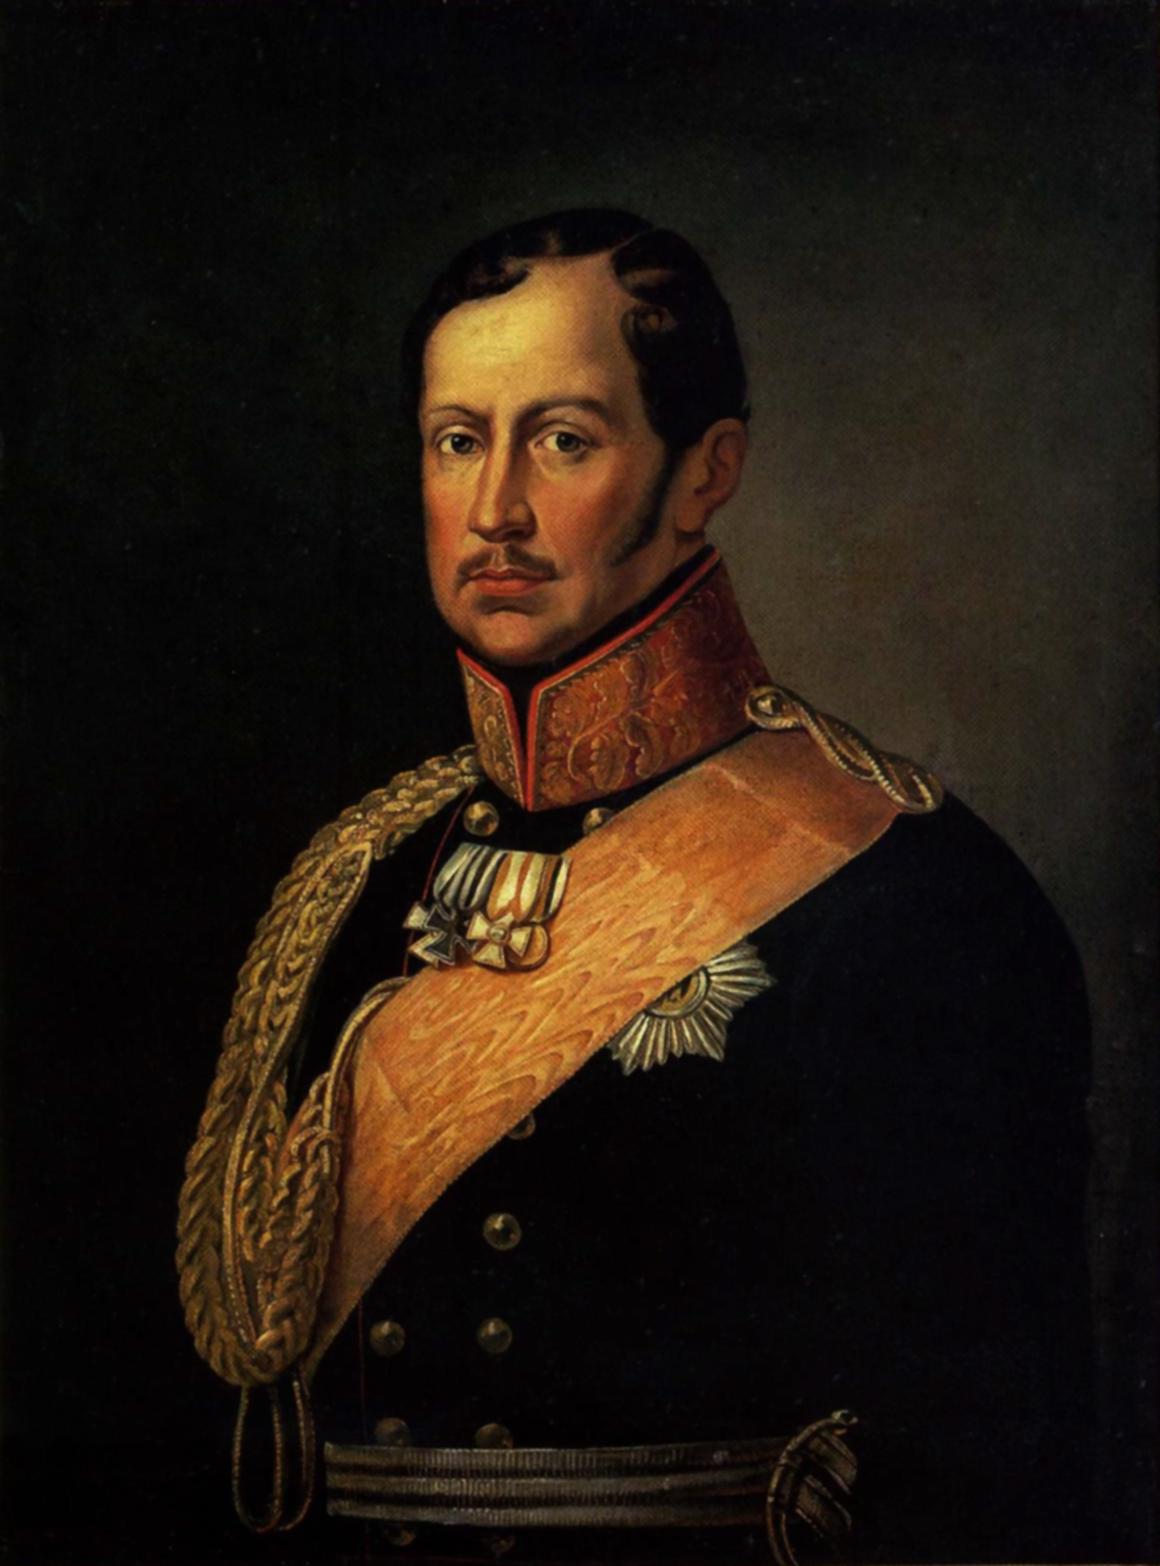 Friedrich_Wilhelm_III.,_K?nig_von_Preu?en_(unbekannter_Maler).jpg